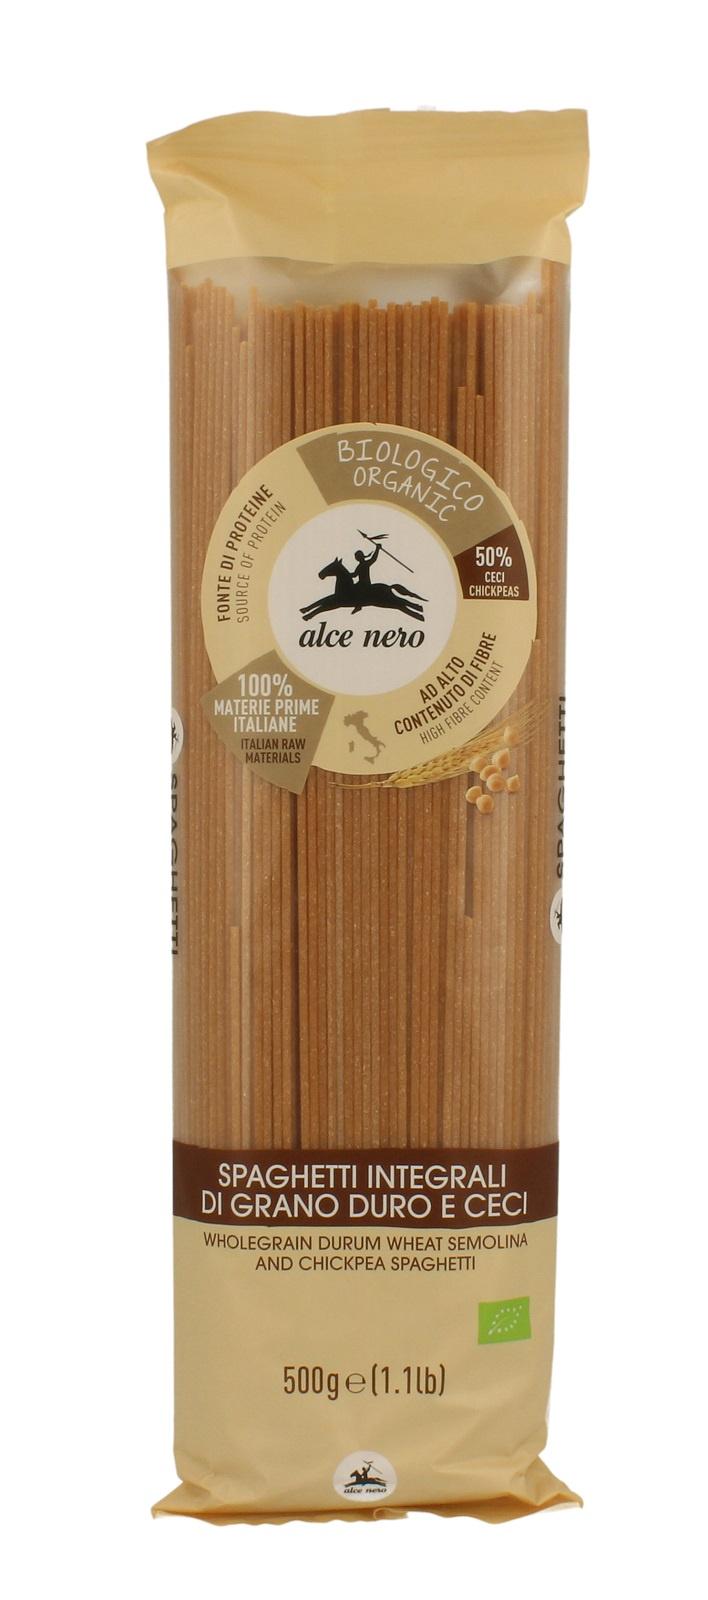 Alce Nero БИО Макаронные изделия СПАГЕТТИ из цельной пшеницы и нута, полимерный пакет 500 г